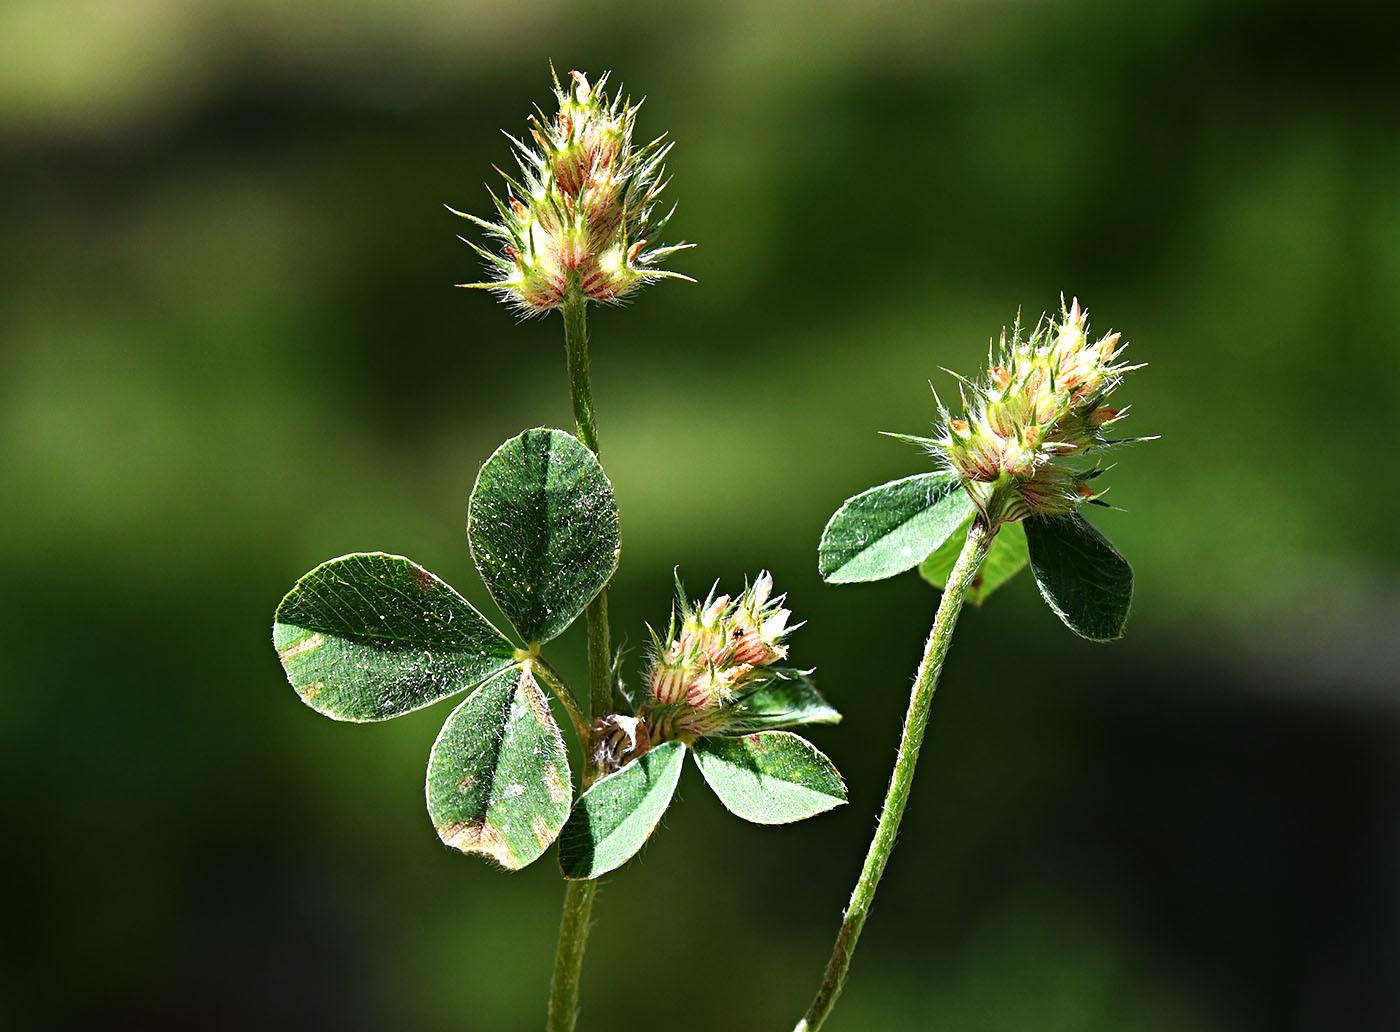 https://pictures.bgbm.org/digilib/Scaler?fn=Cyprus/Trifolium_striatum_C1.jpg&mo=file